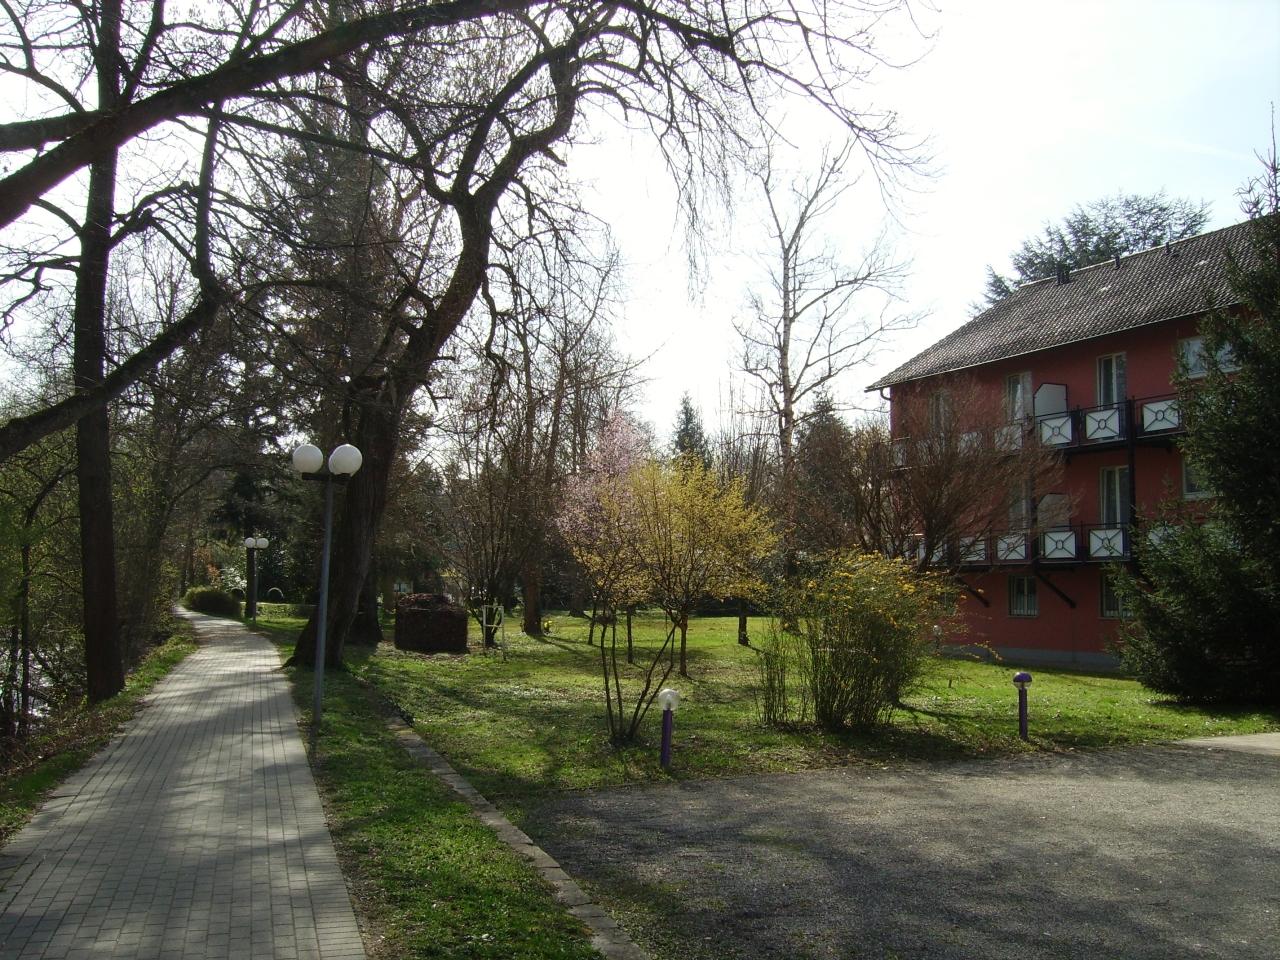 Eden Hotel am Park - Umgebung, mit Parkplatz